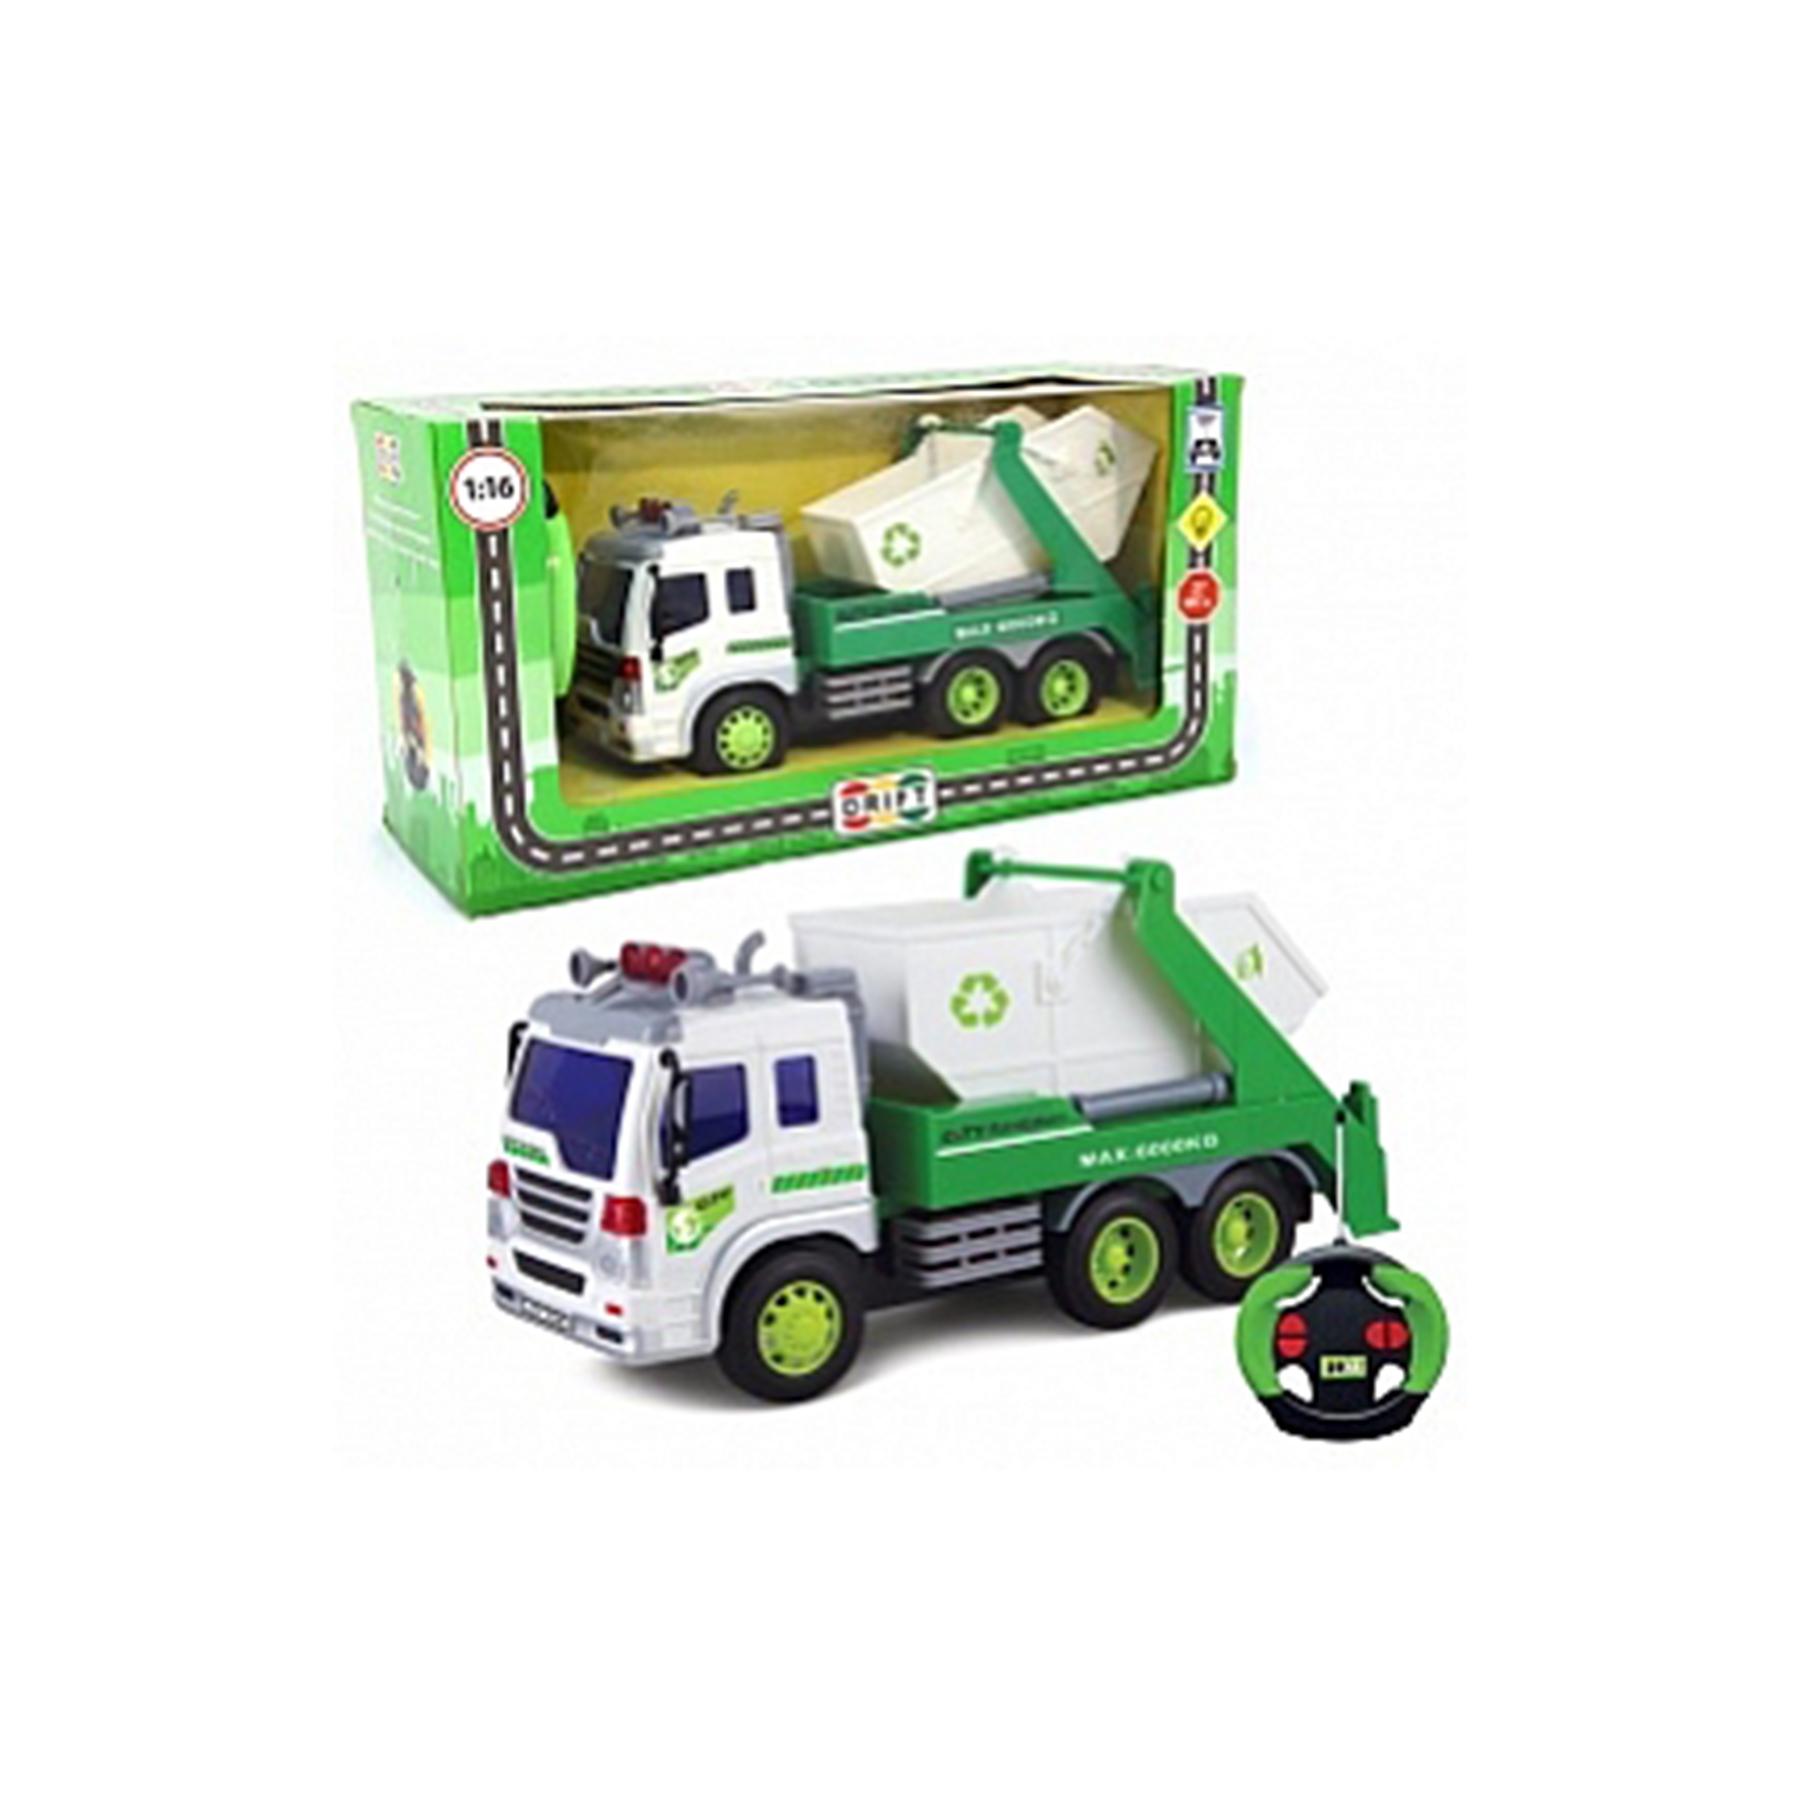 Машина р/у грузовик-контейнерный мусоровоз, свет, 26,5*10*14 см, 29630